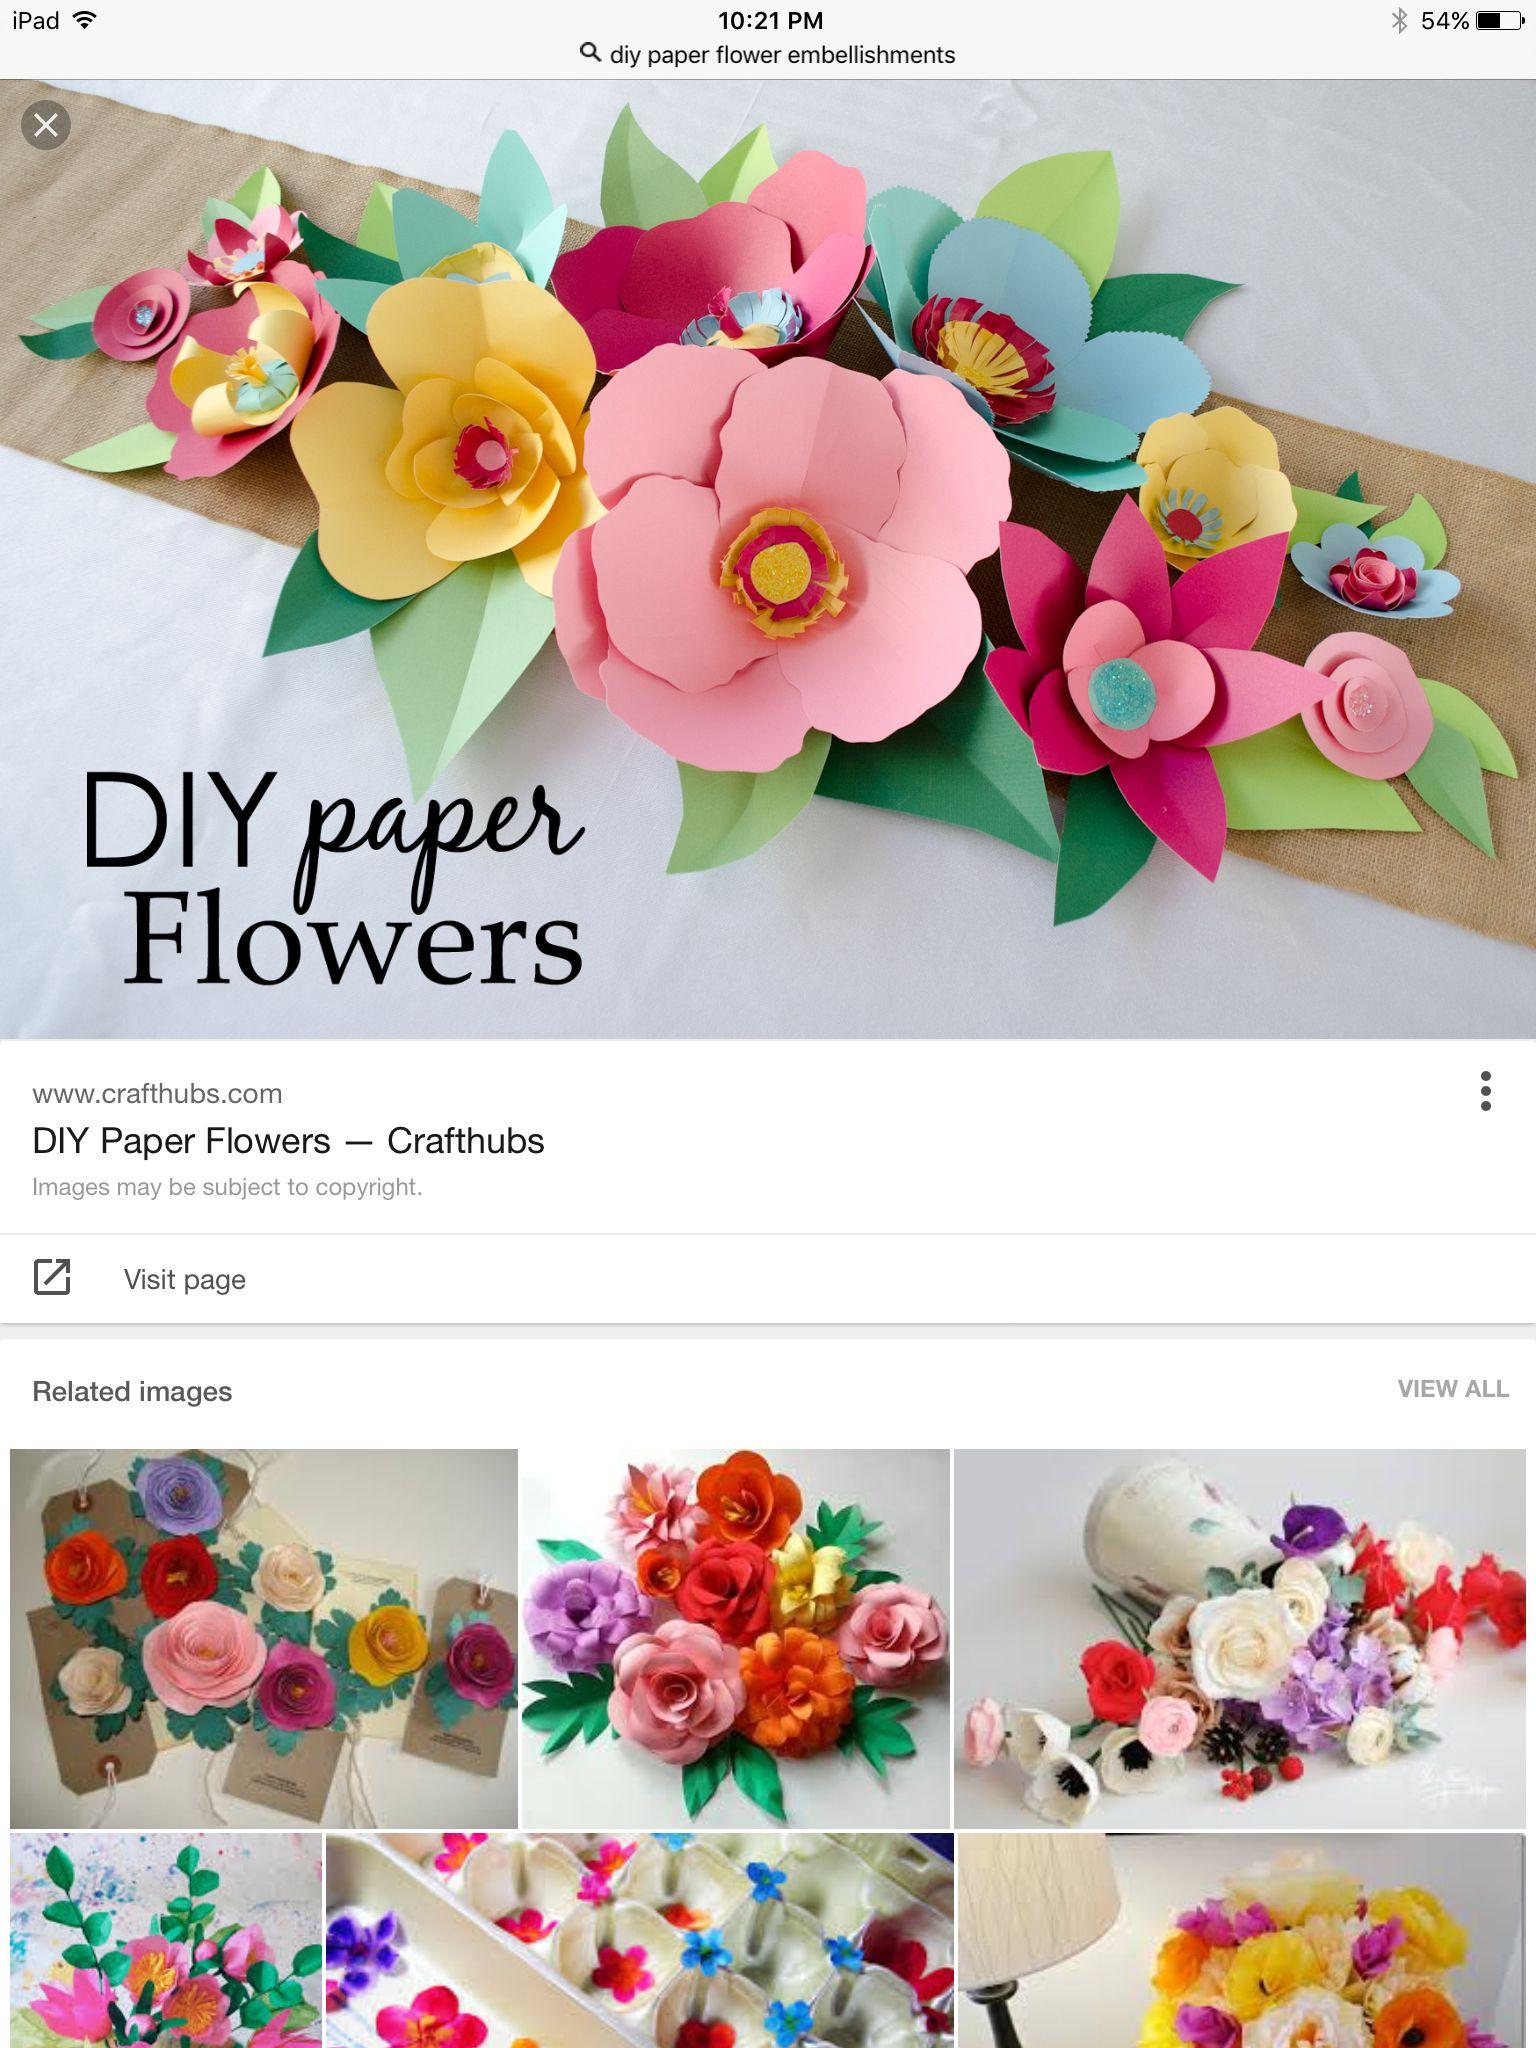 Dig Flowers Flower Making Pinterest Cricut Cricut Ideas And